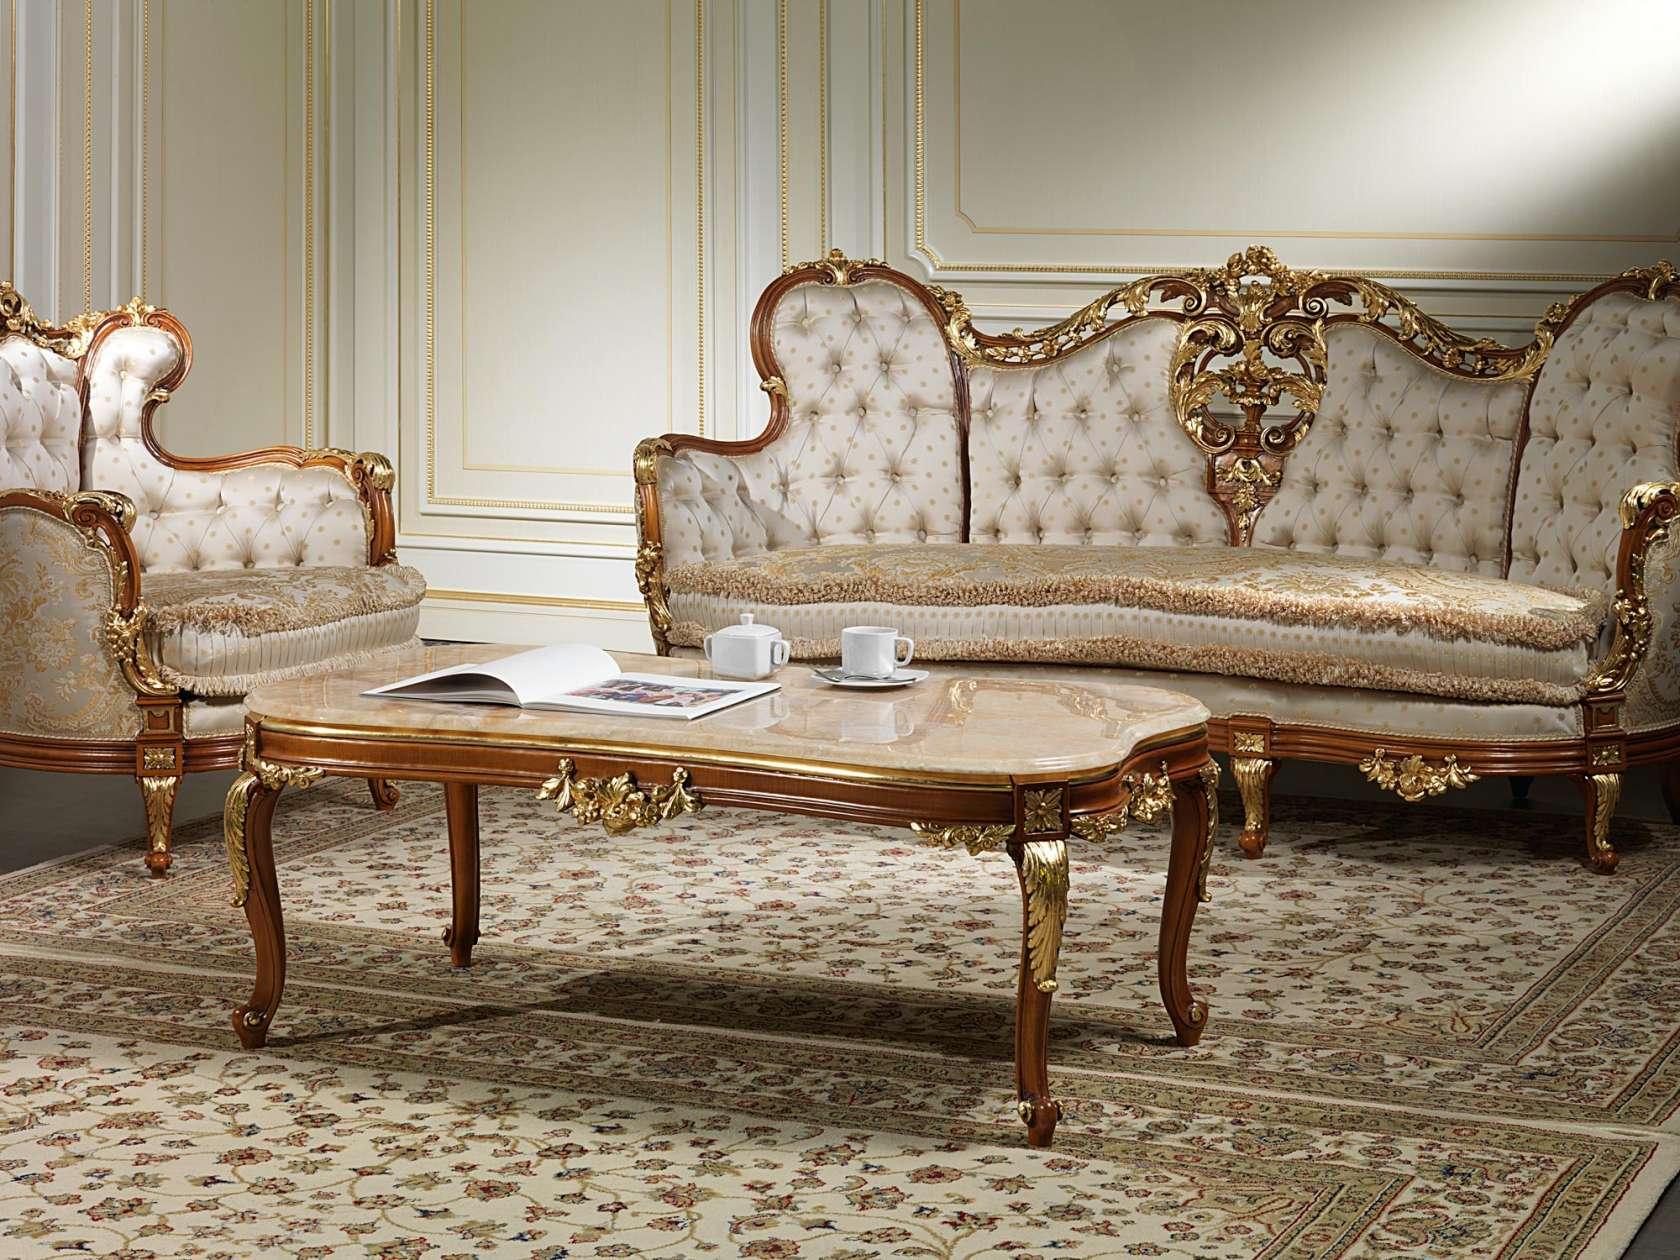 Salotto 800 in stile classico di lusso | Vimercati Meda